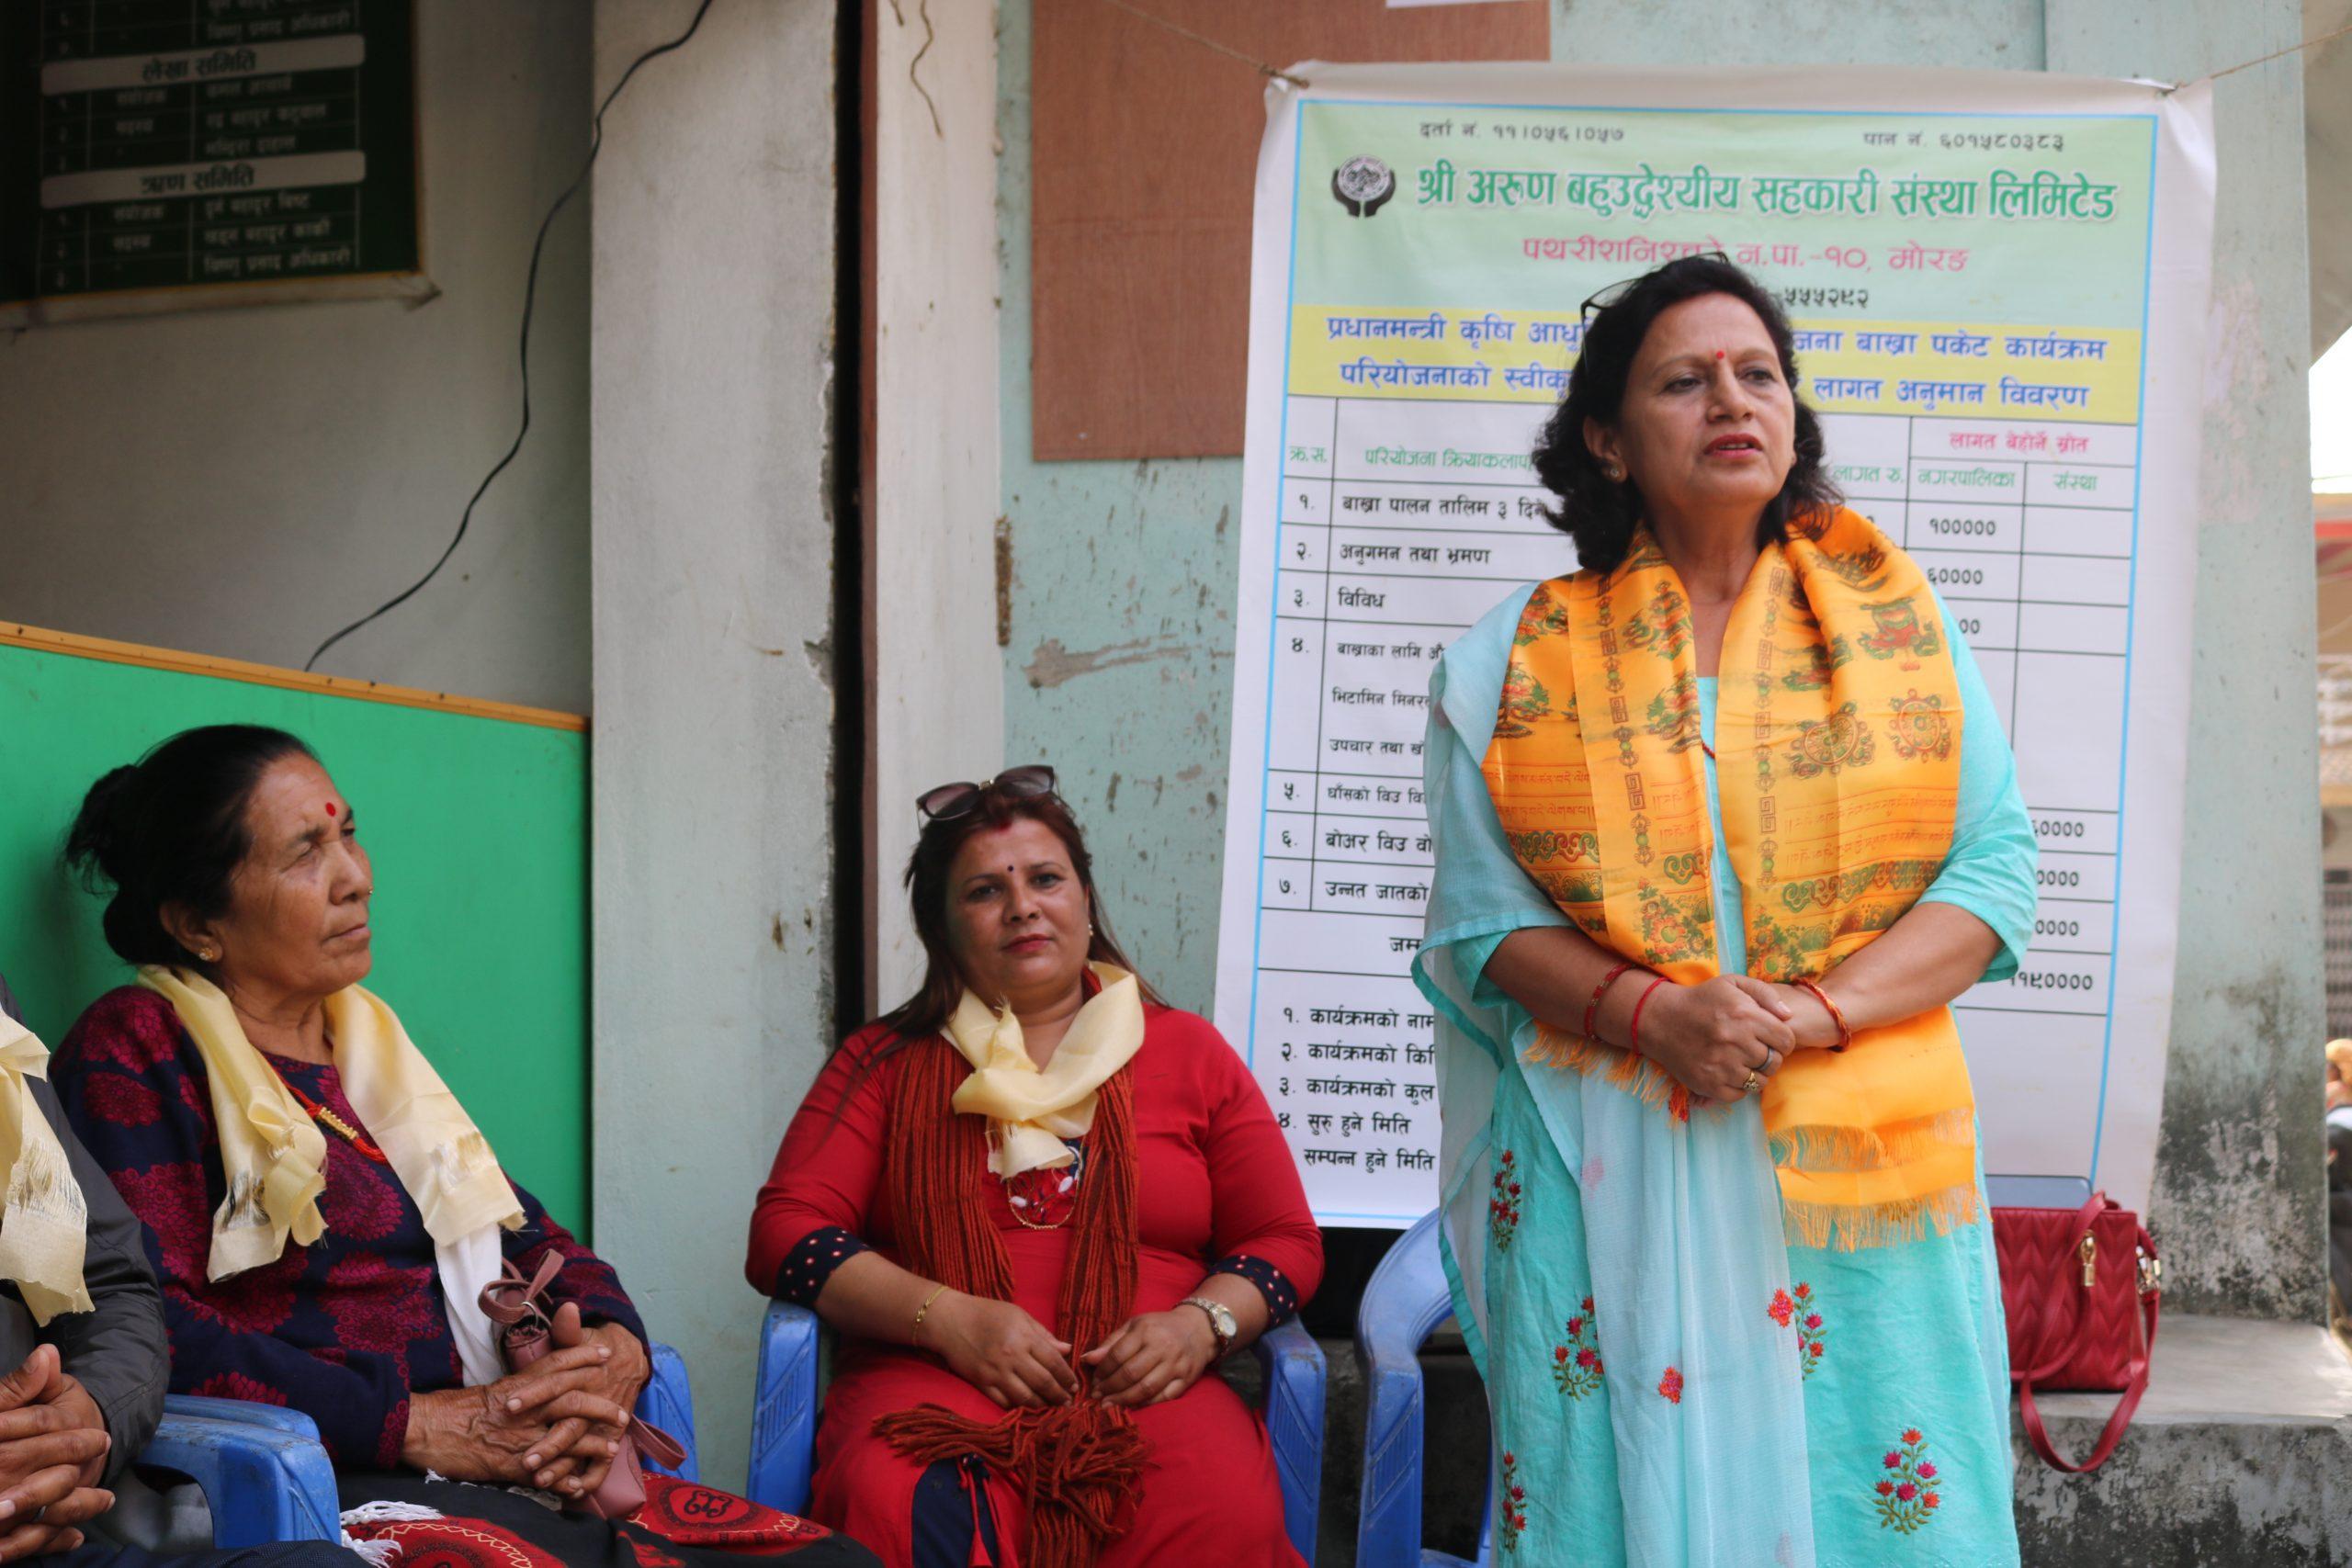 बाख्रा पालन कार्यक्रमको सार्वजनिक सुनुवाई